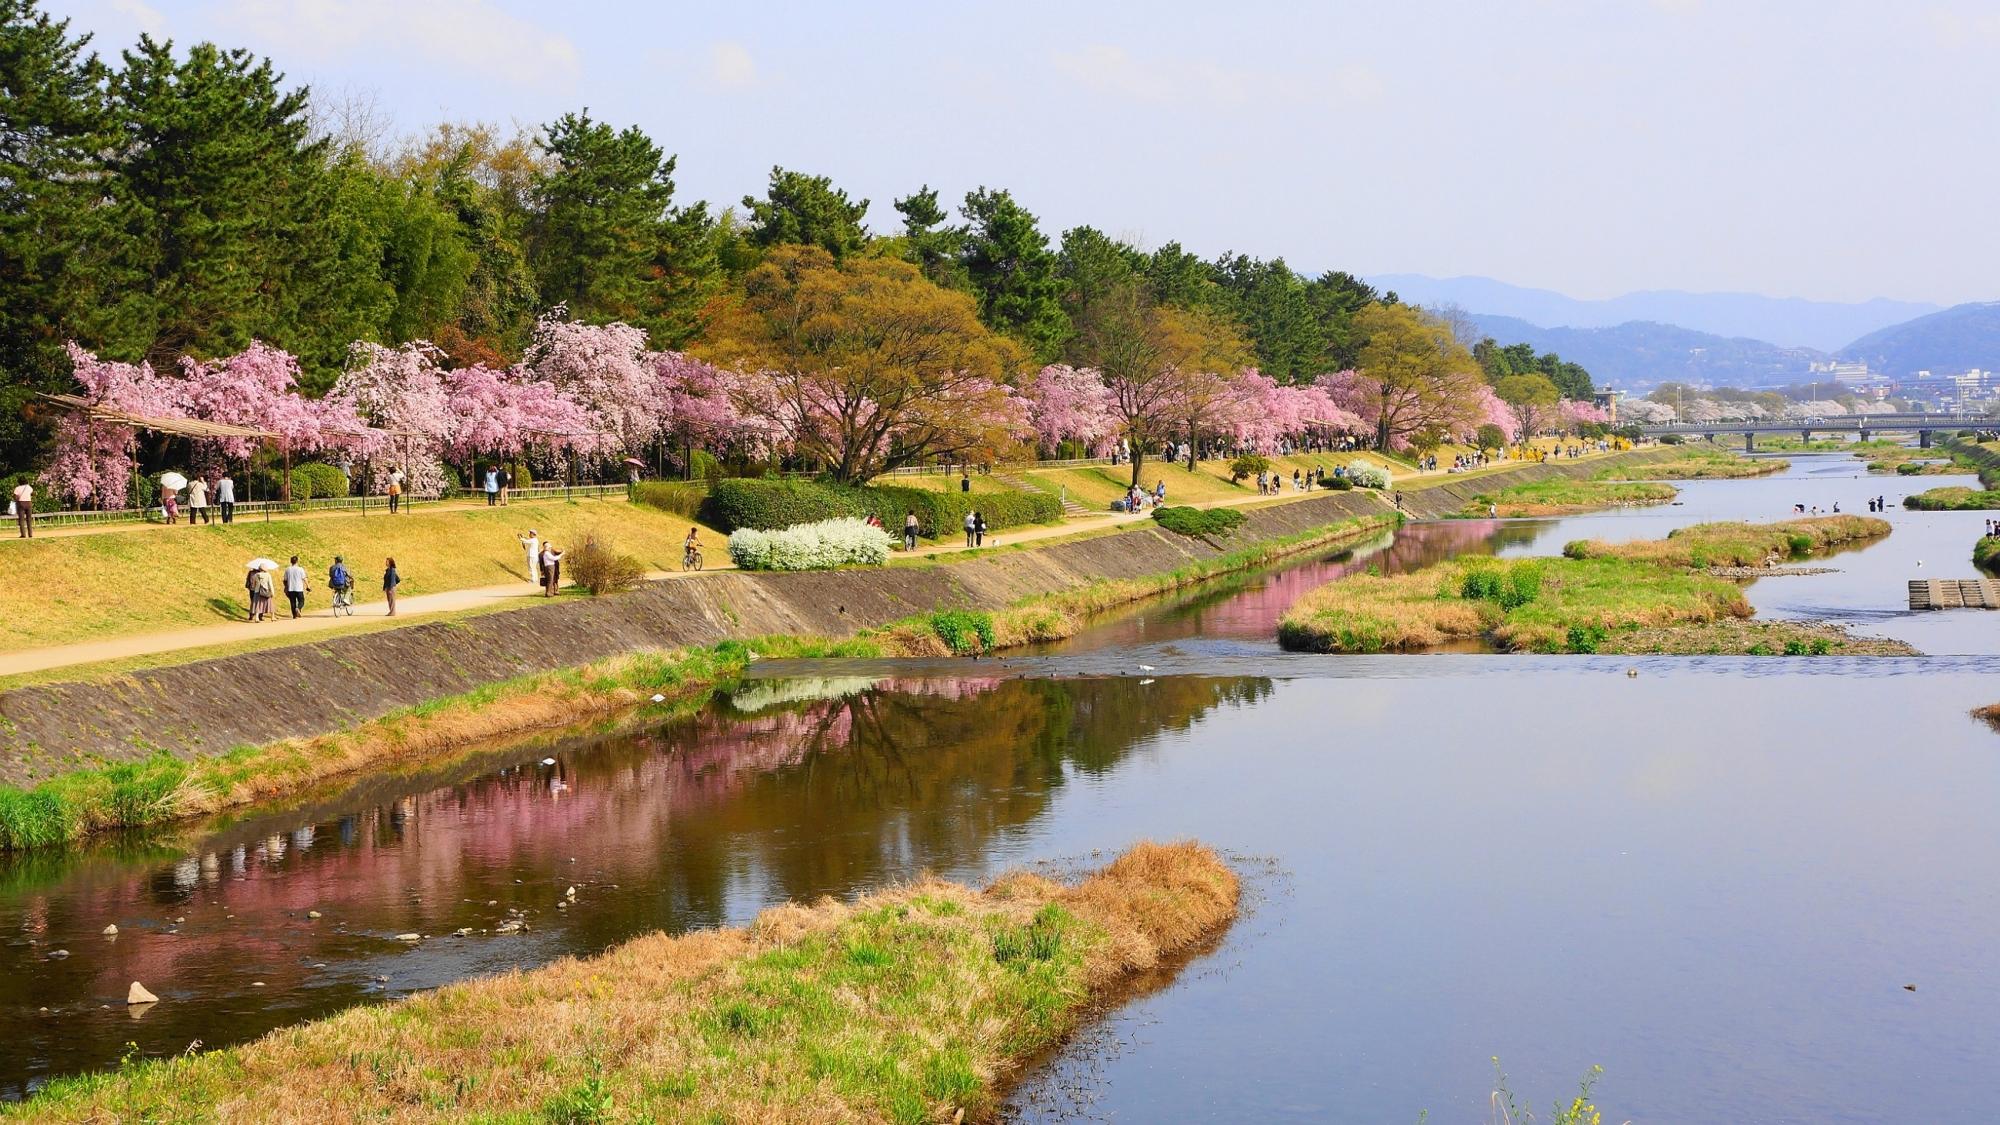 川面にほんのりと映るピンクの桜